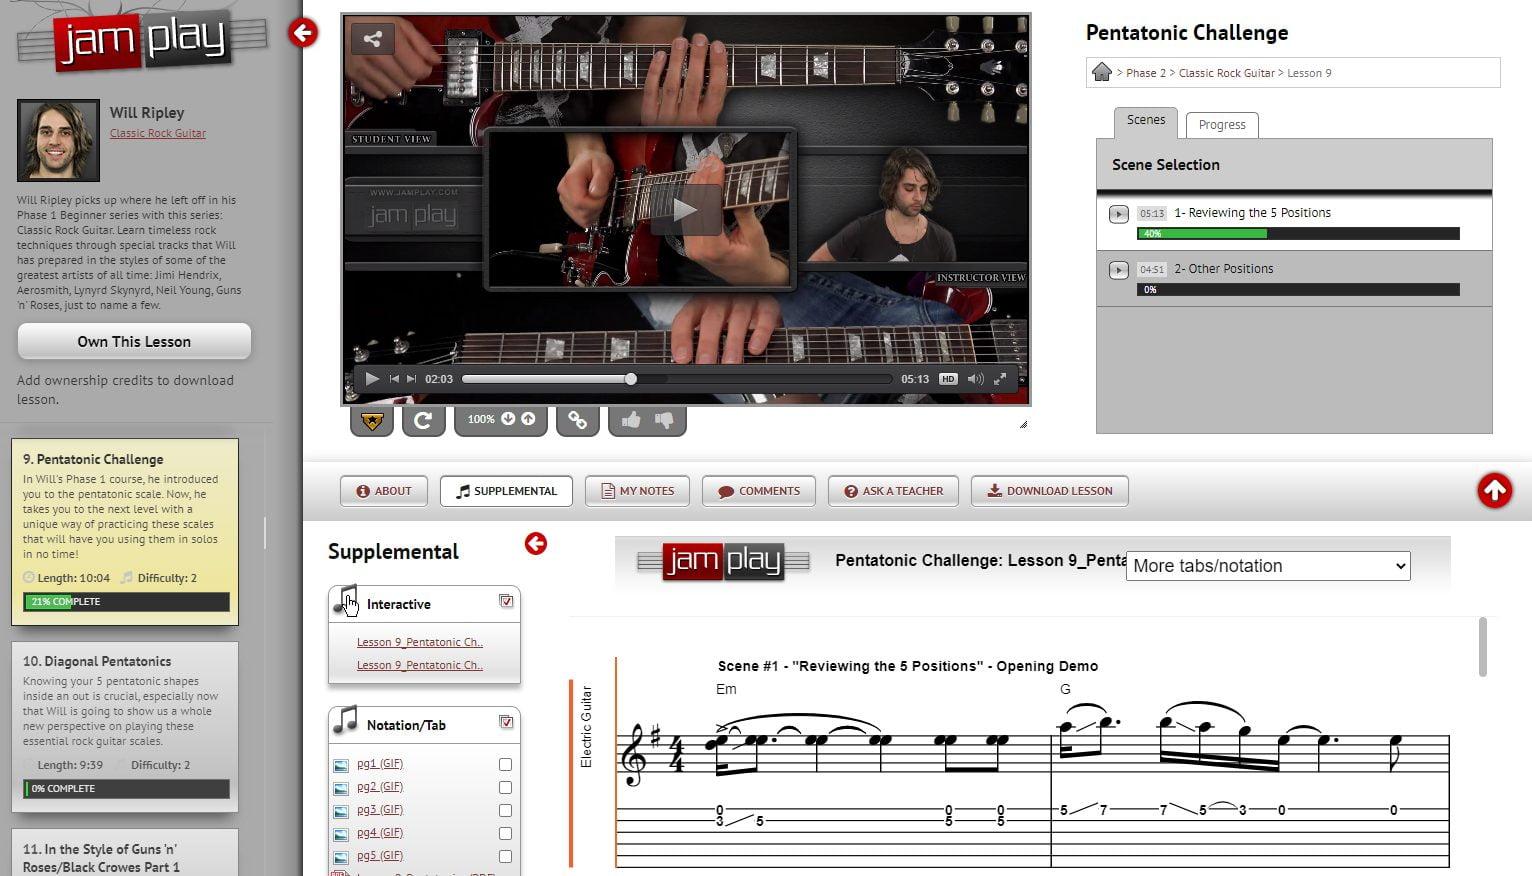 JamPlay Classic Rock Guitar Course